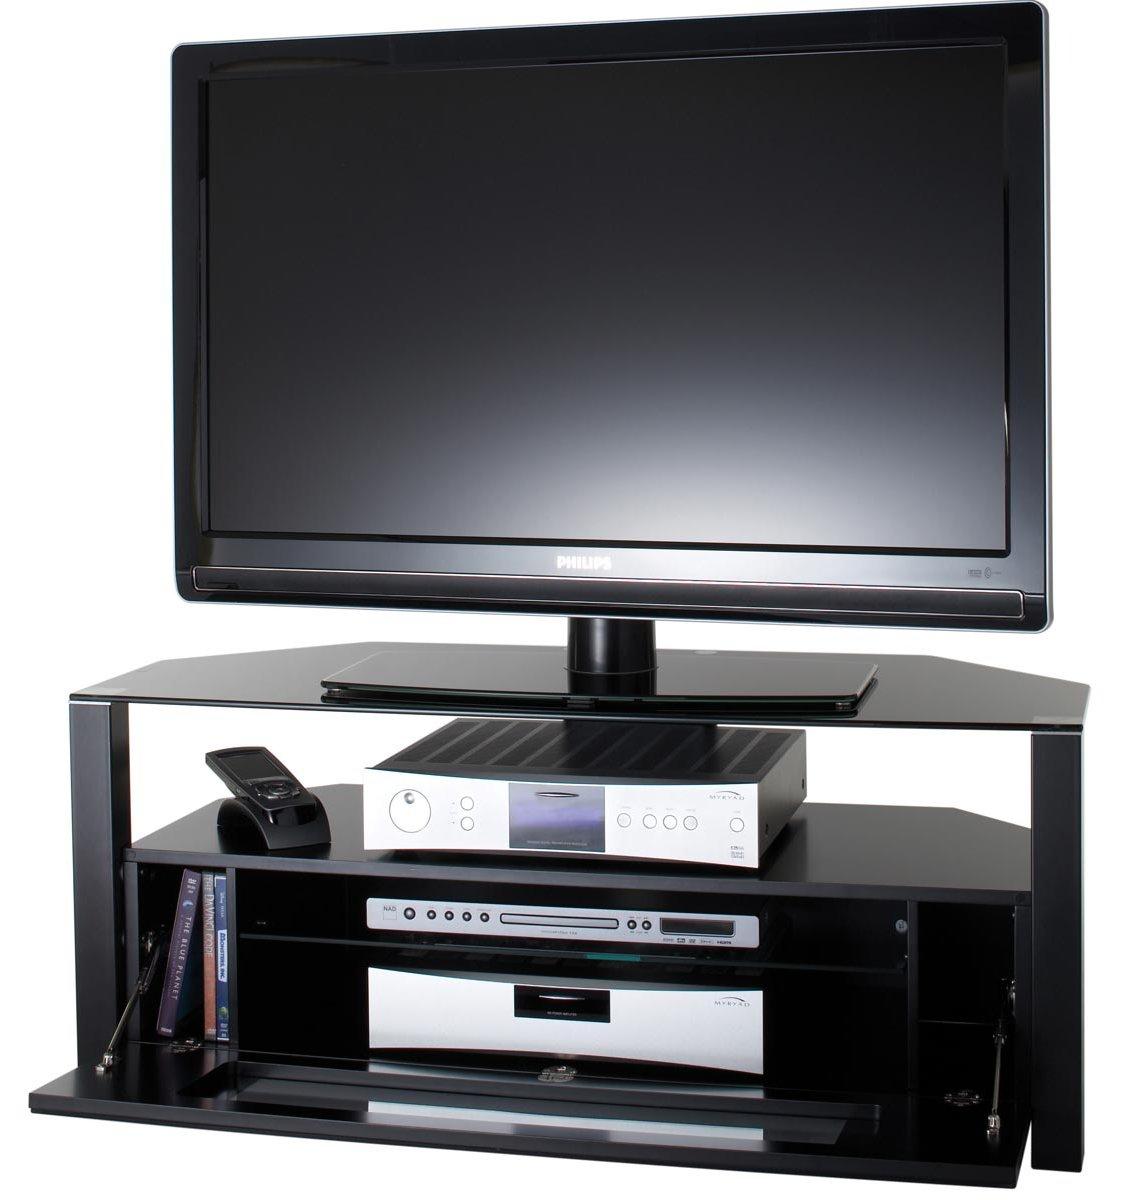 Alphason ABRD1100 BLK TV Stands